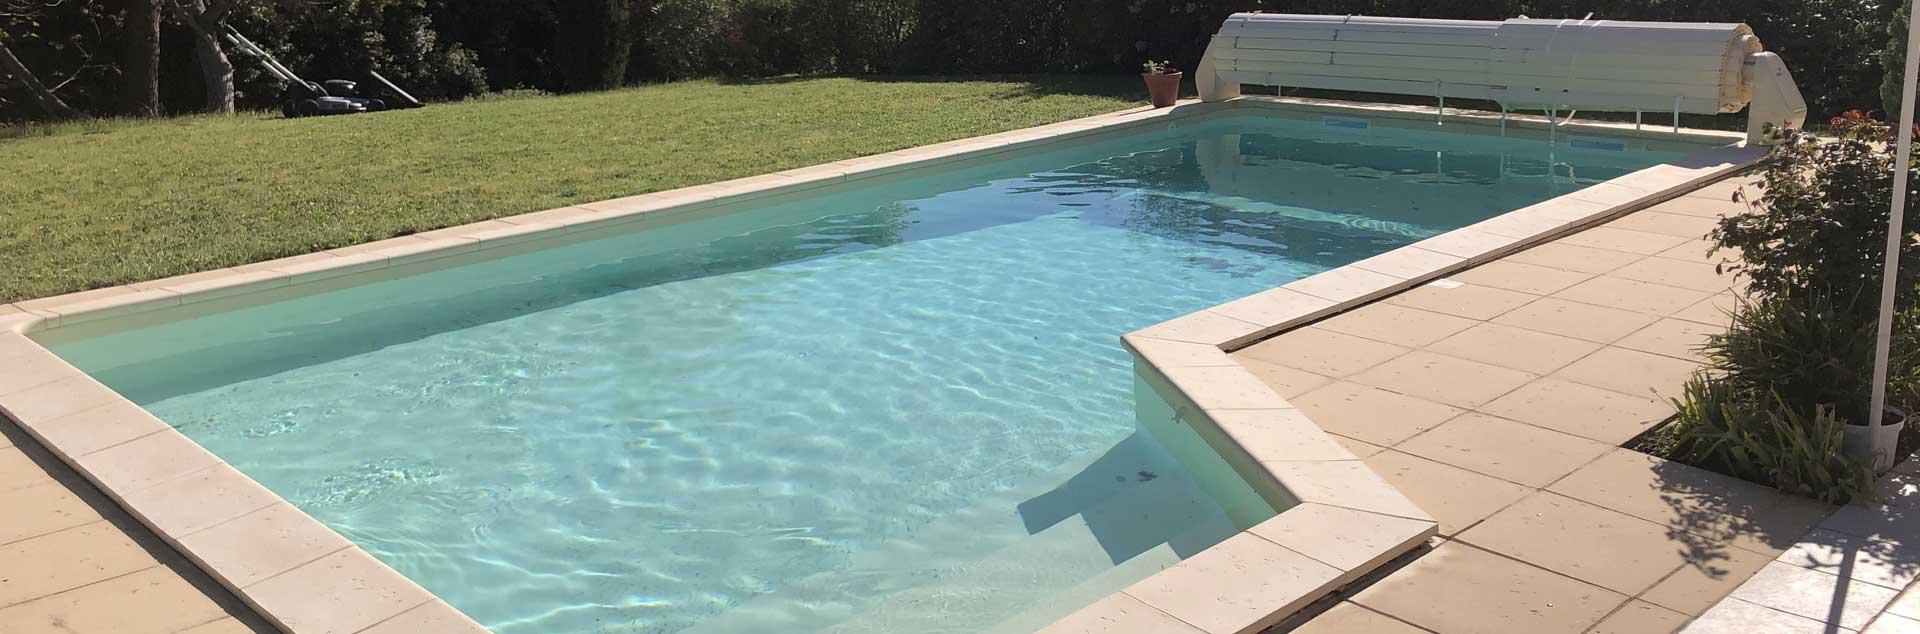 Materiel Piscine La Ciotat spécialiste piscines venasque, construction et rénovation